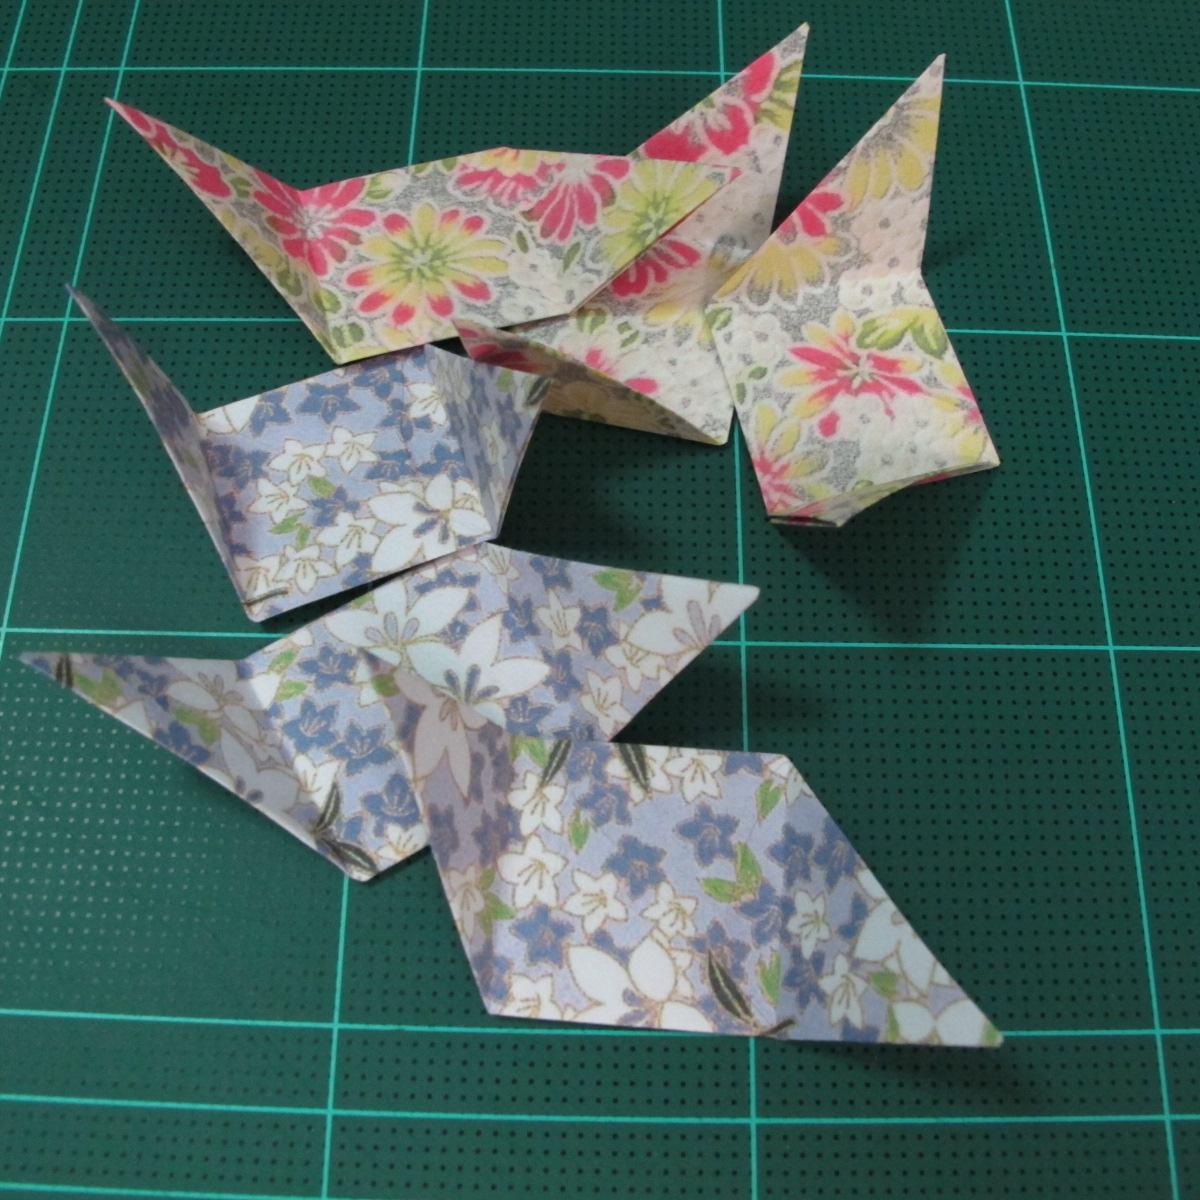 การพับกระดาษเป็นรูปเรขาคณิตทรงลูกบาศก์แบบแยกชิ้นประกอบ (Modular Origami Cube) 018